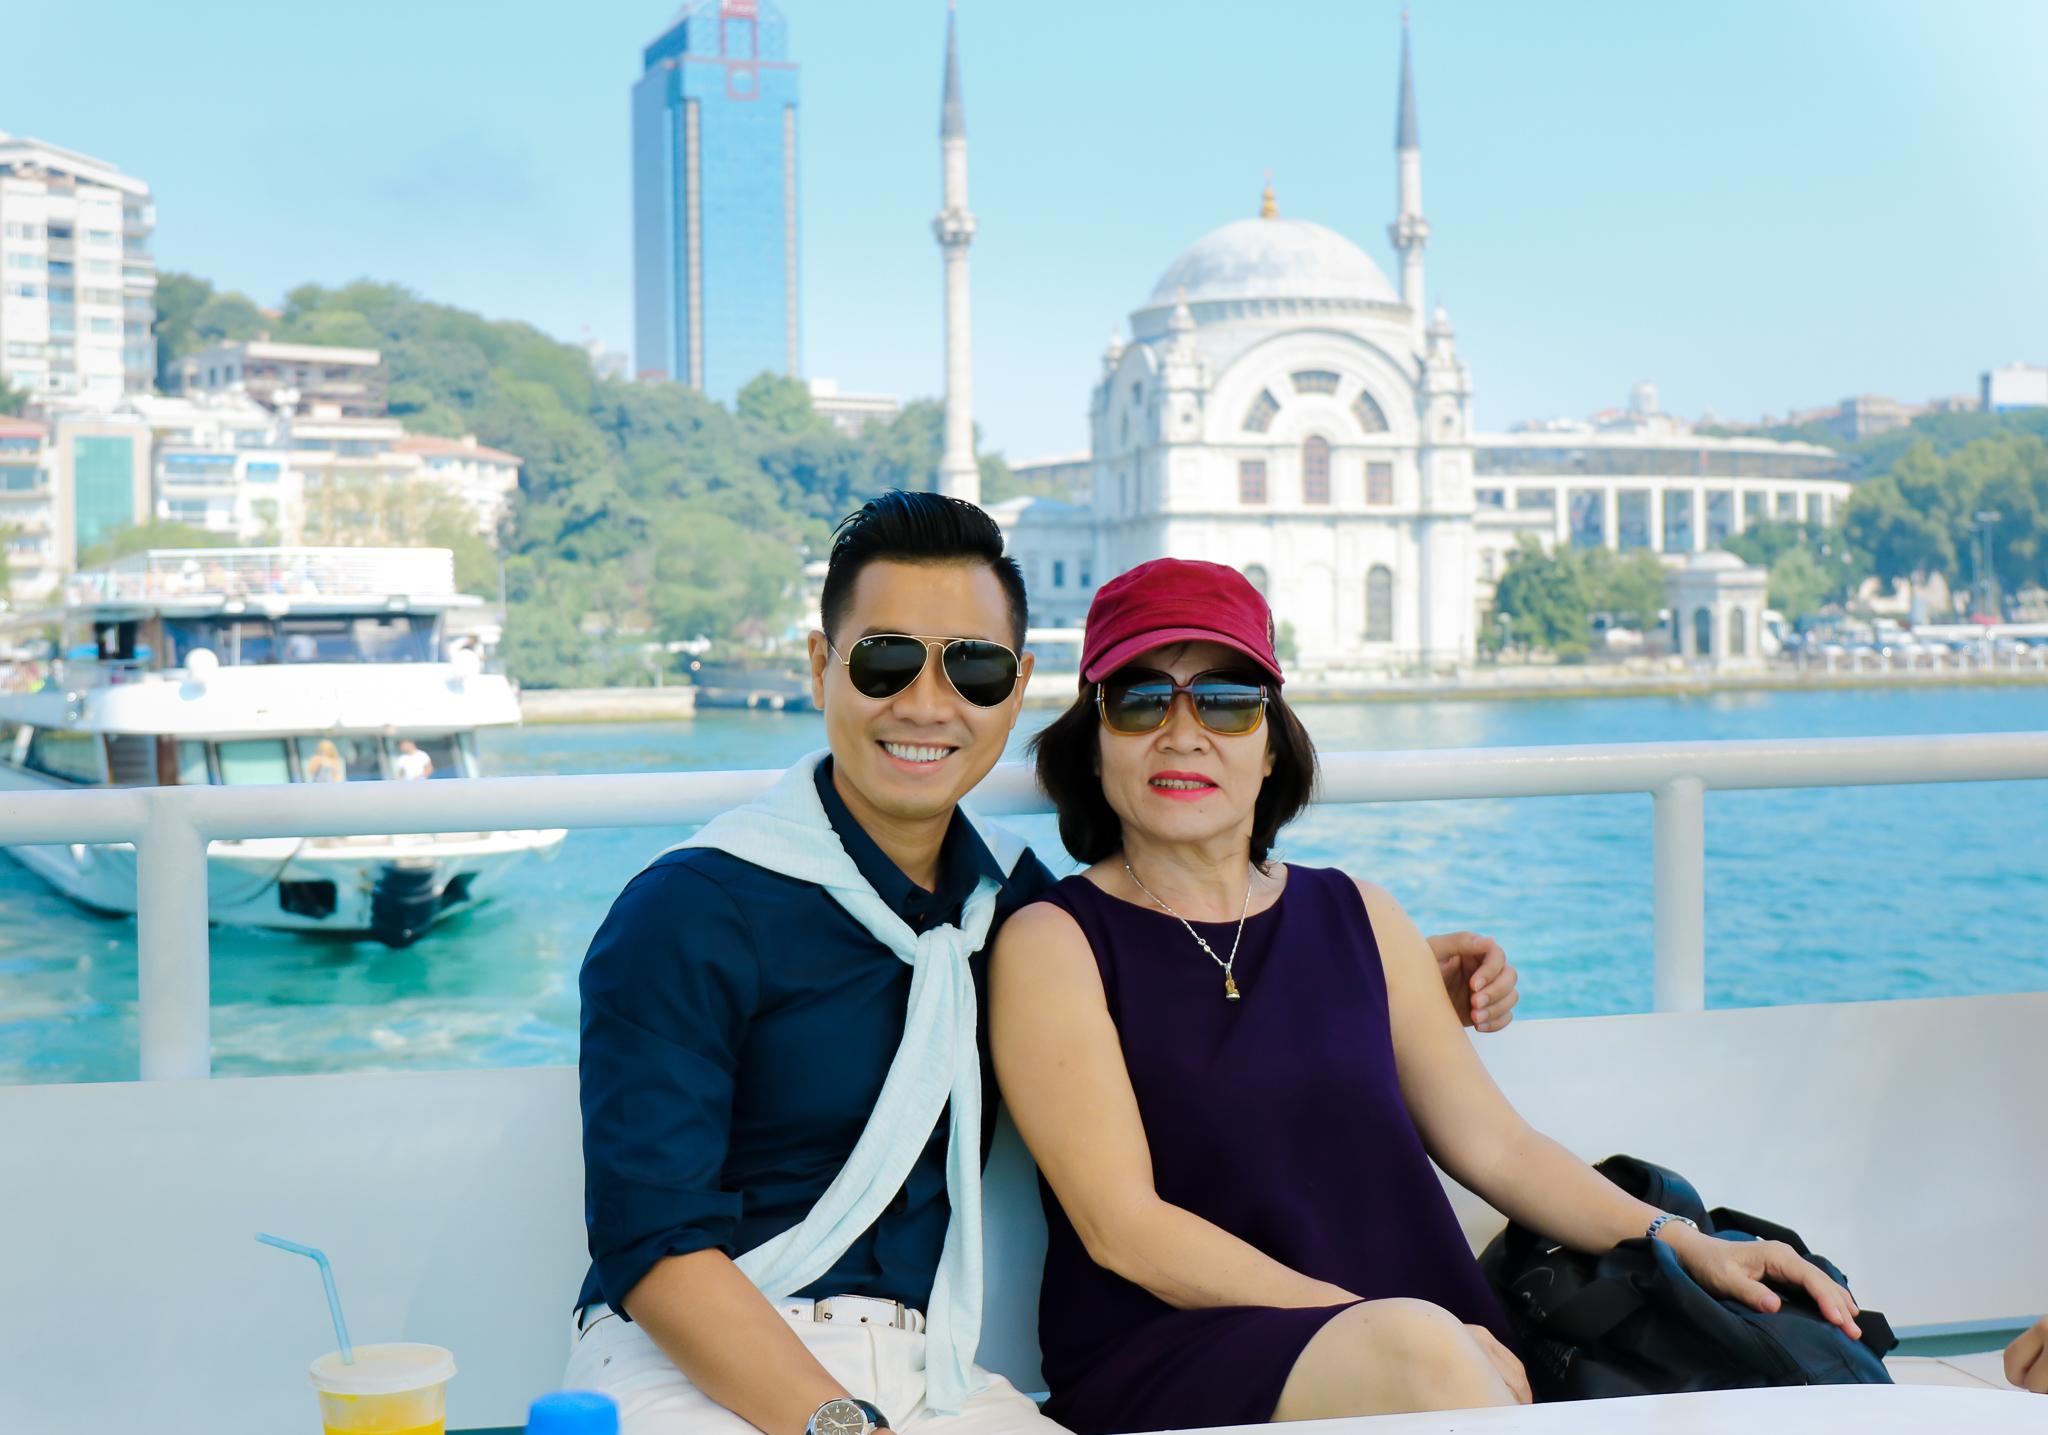 Nguyên Khang rạng rỡ đưa mẹ đi du ngoạn Thổ Nhĩ Kỳ - Ảnh 8.